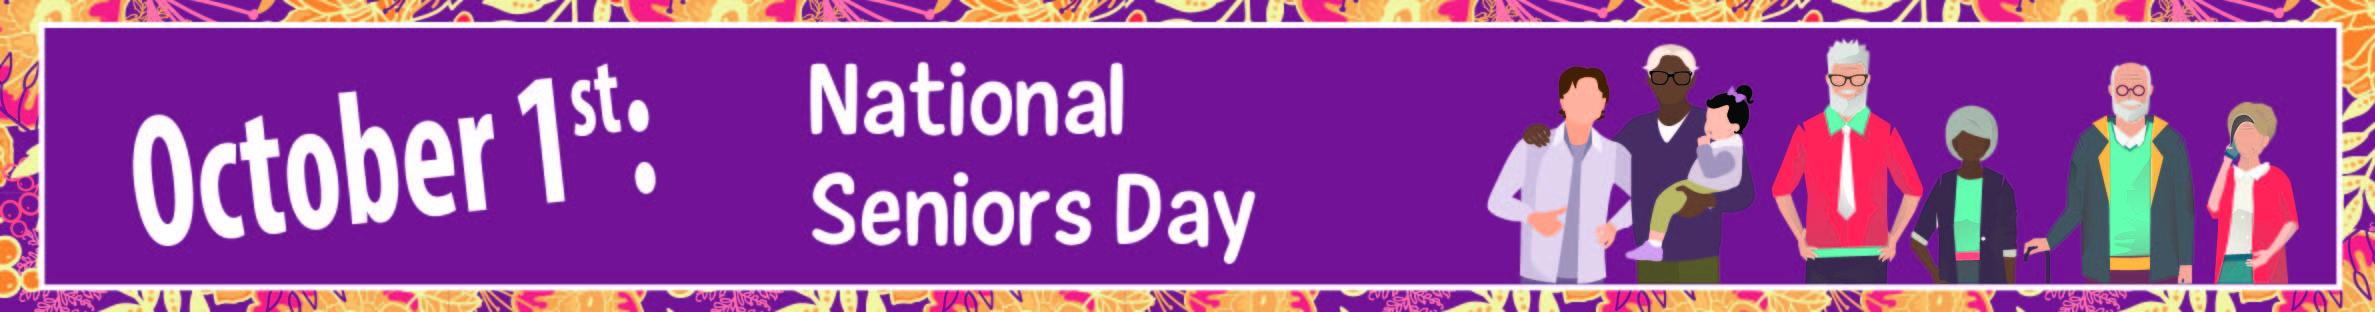 October 1st: National Seniors Day